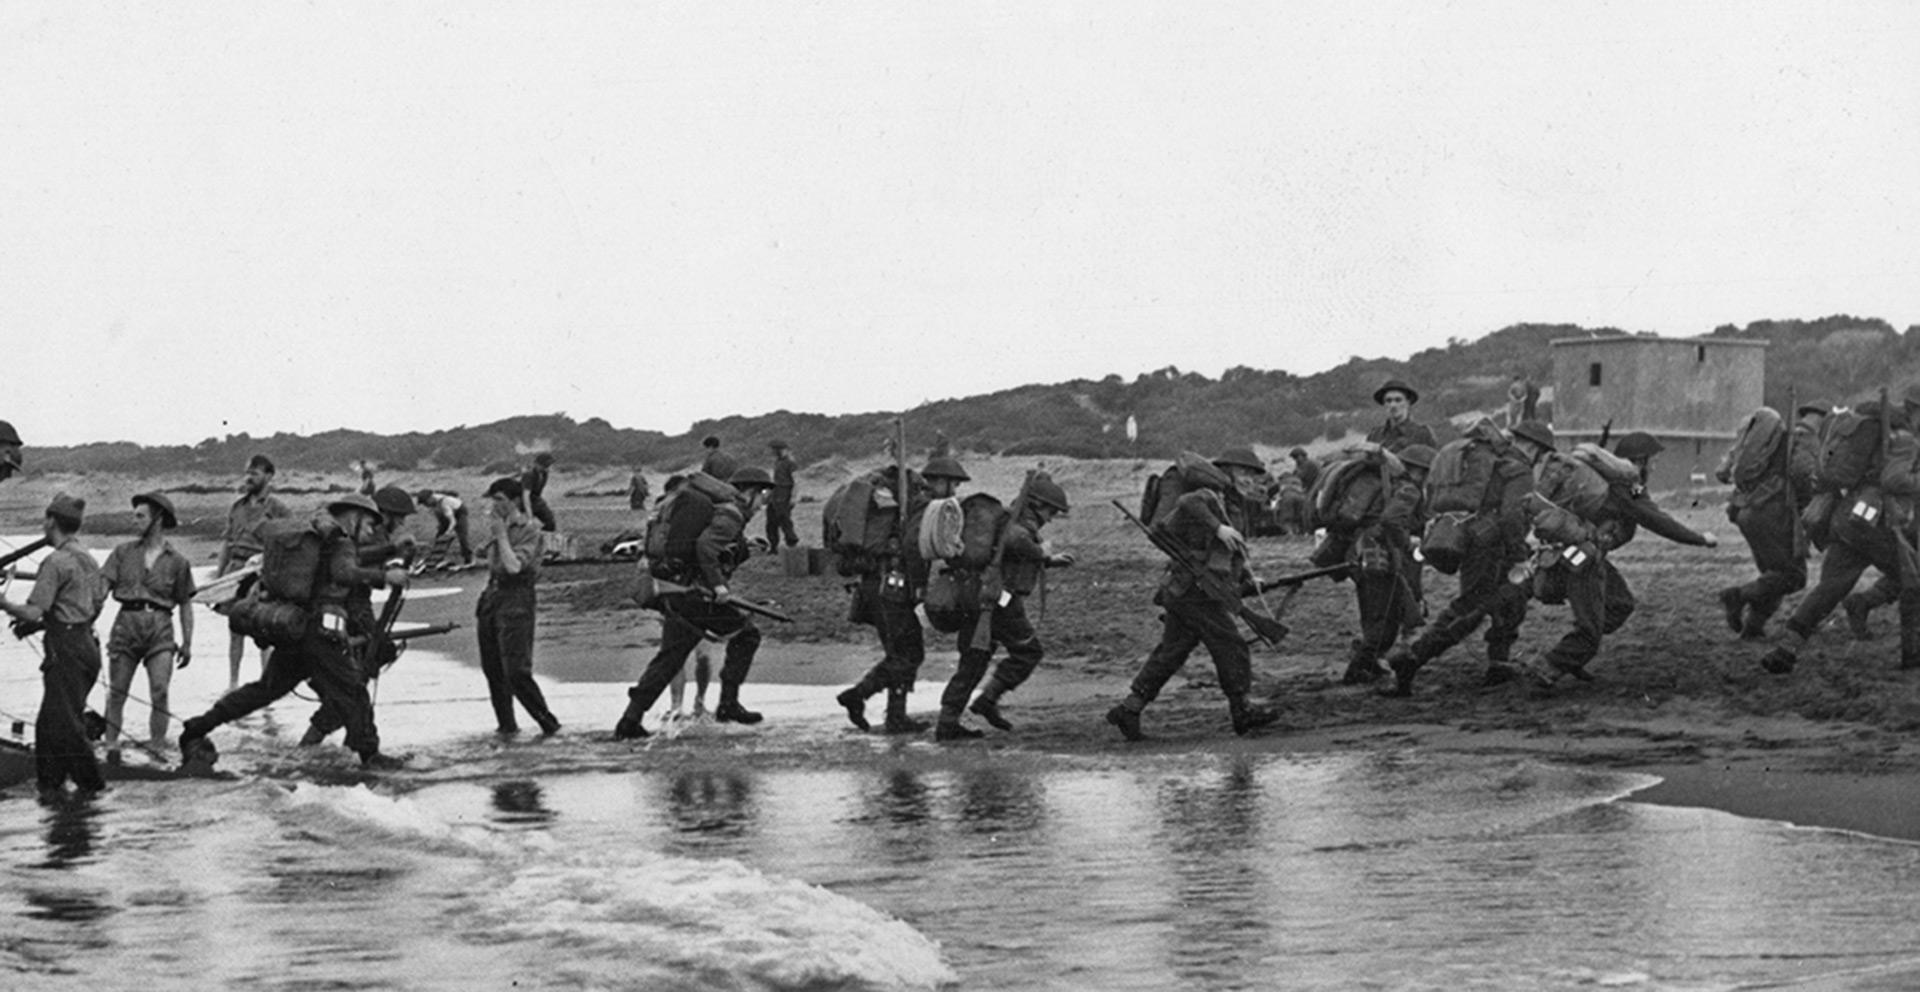 Tropas dejando las lanchas de desembarco (Keystone/Hulton Archive/Getty Images)